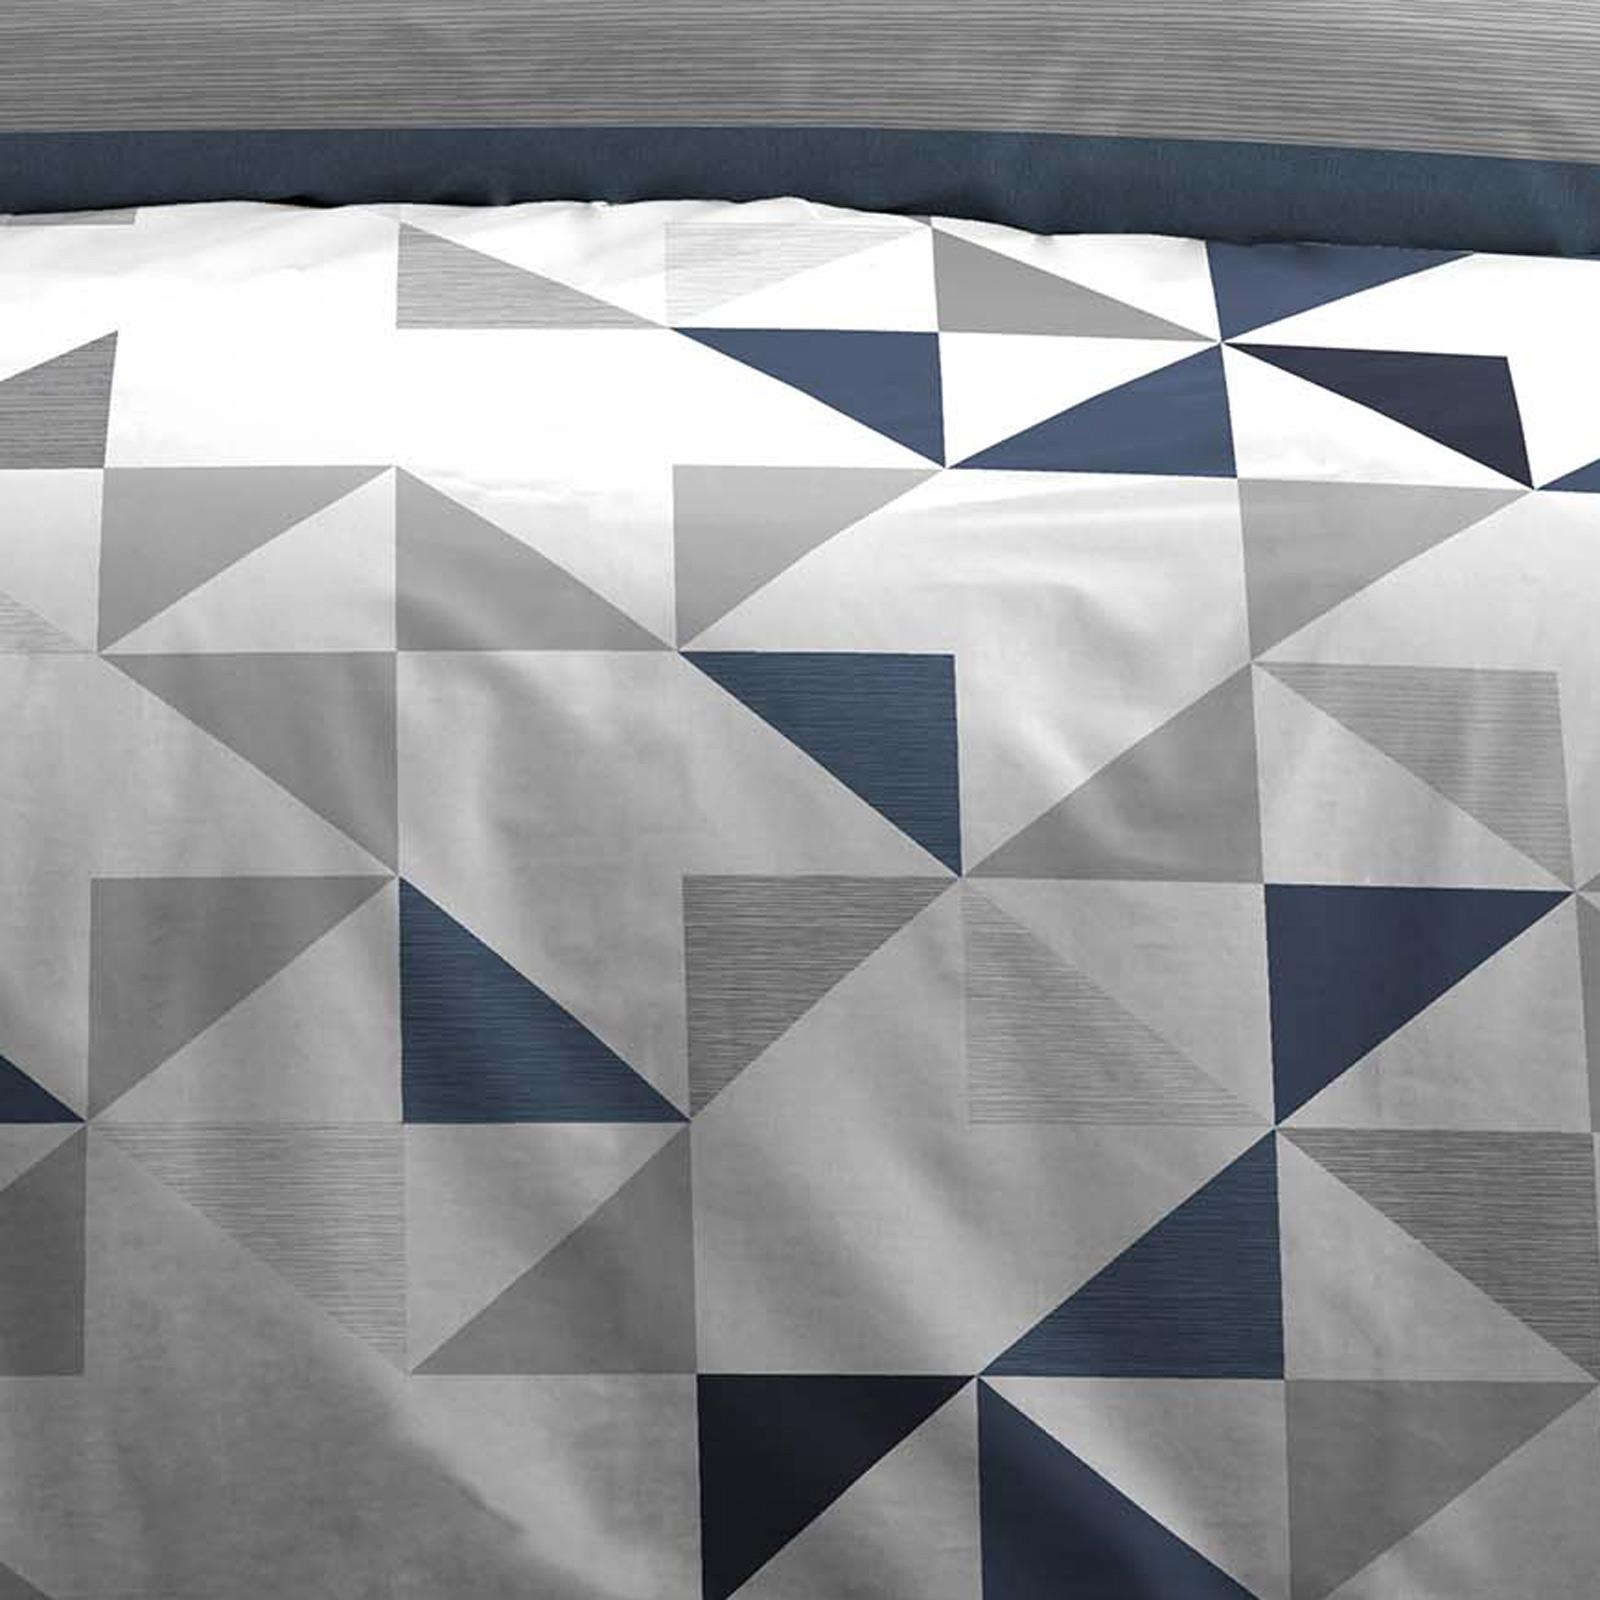 Bleu Housses De Couette Géométrique Rayures Réversible Imprimé avec Housse de couette Ensembles De Literie